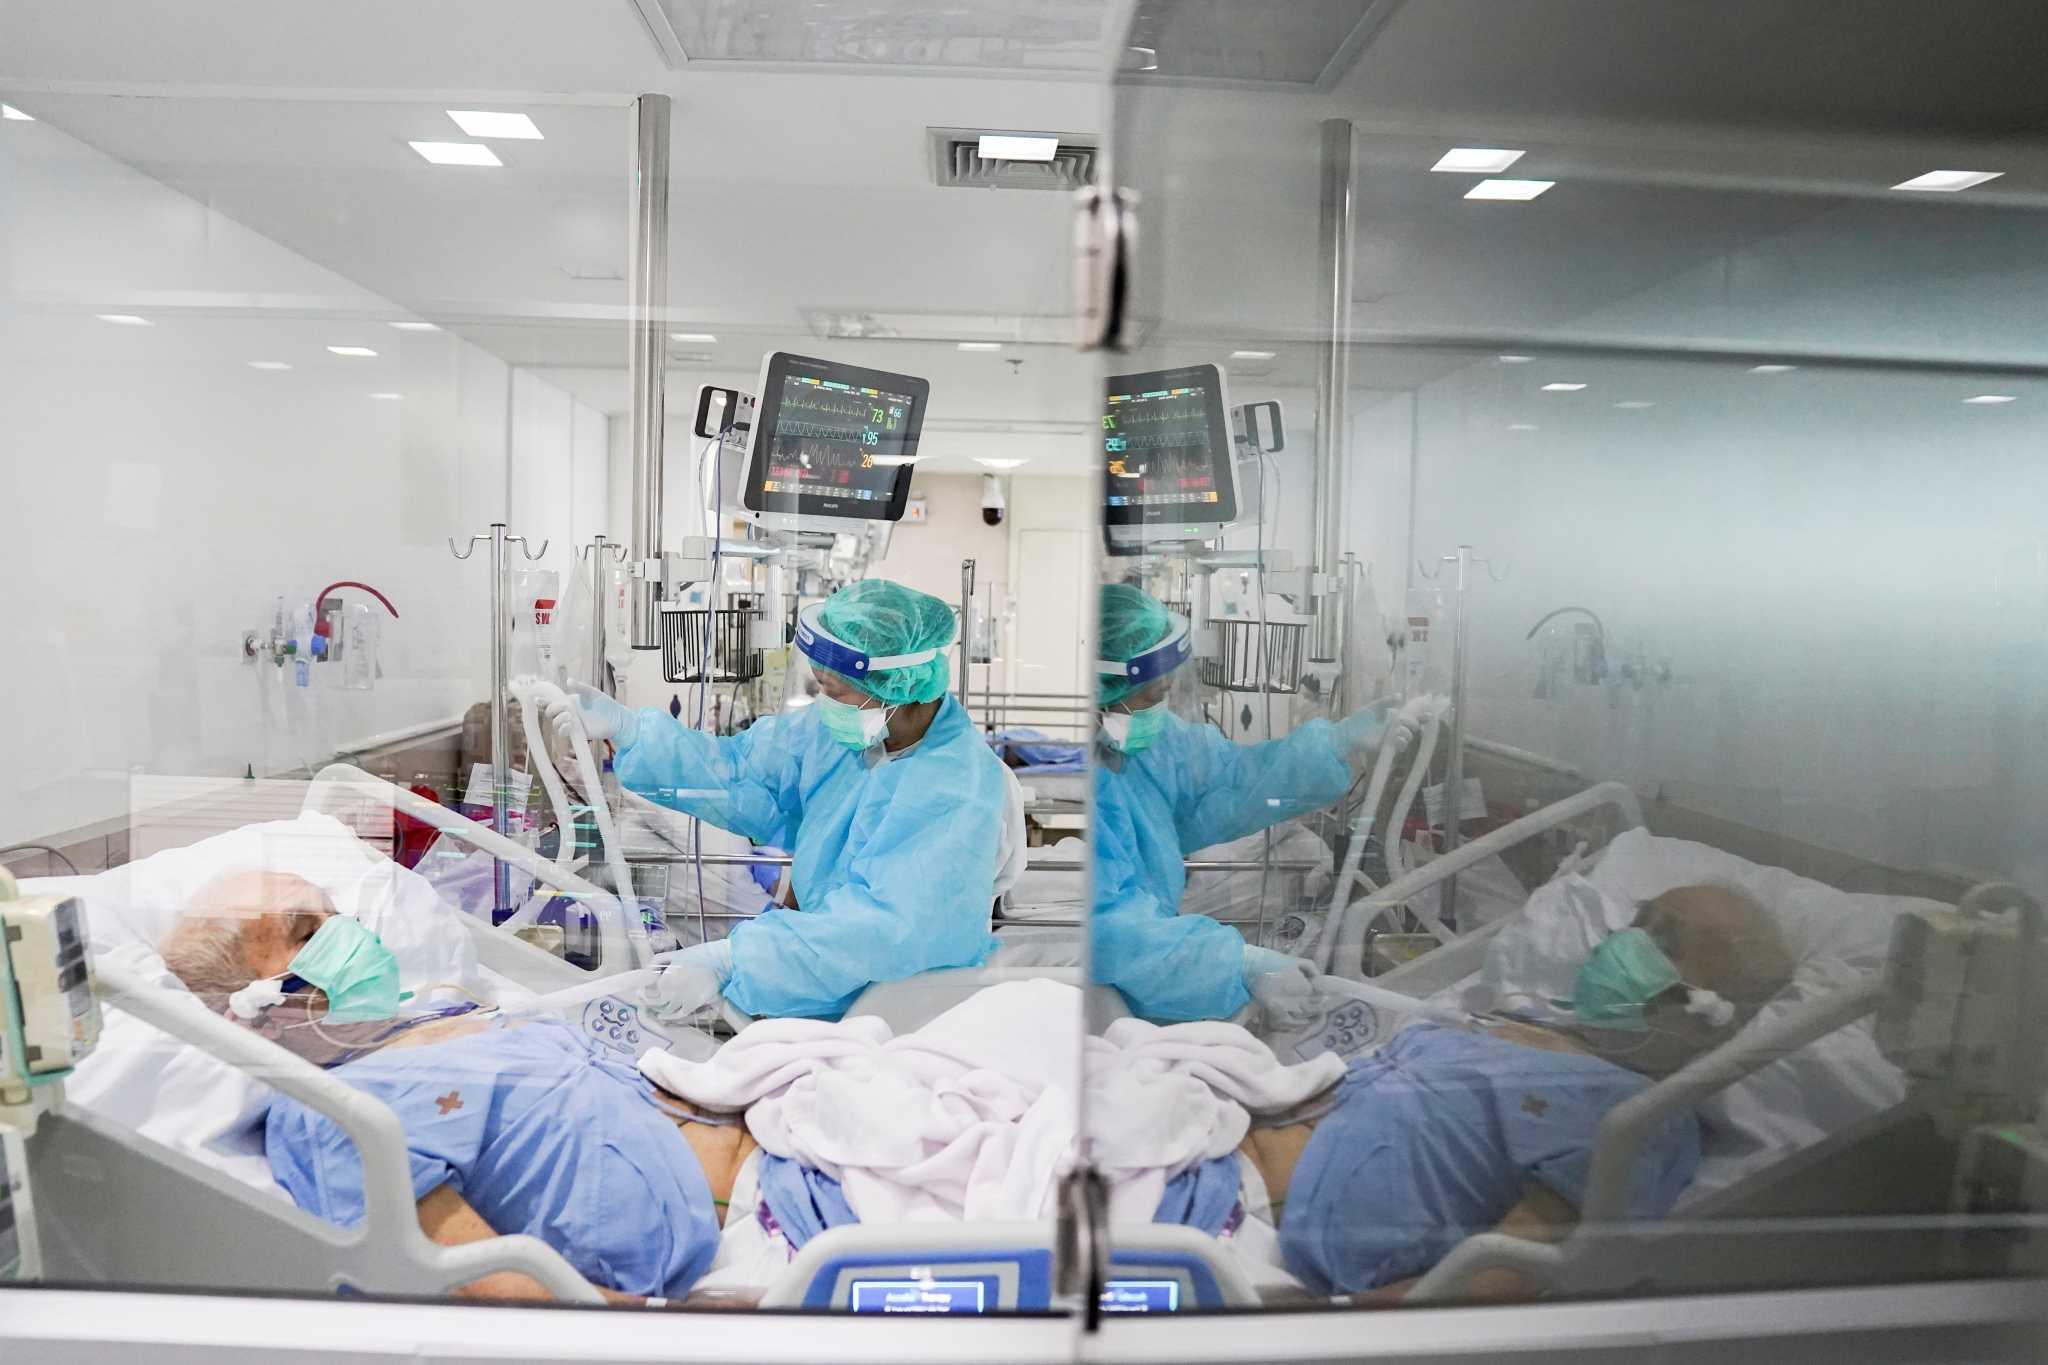 Κορονοϊός – Έρευνα: «Προστατευμένοι» για δέκα μήνες από νέα μόλυνση όσοι νόσησαν